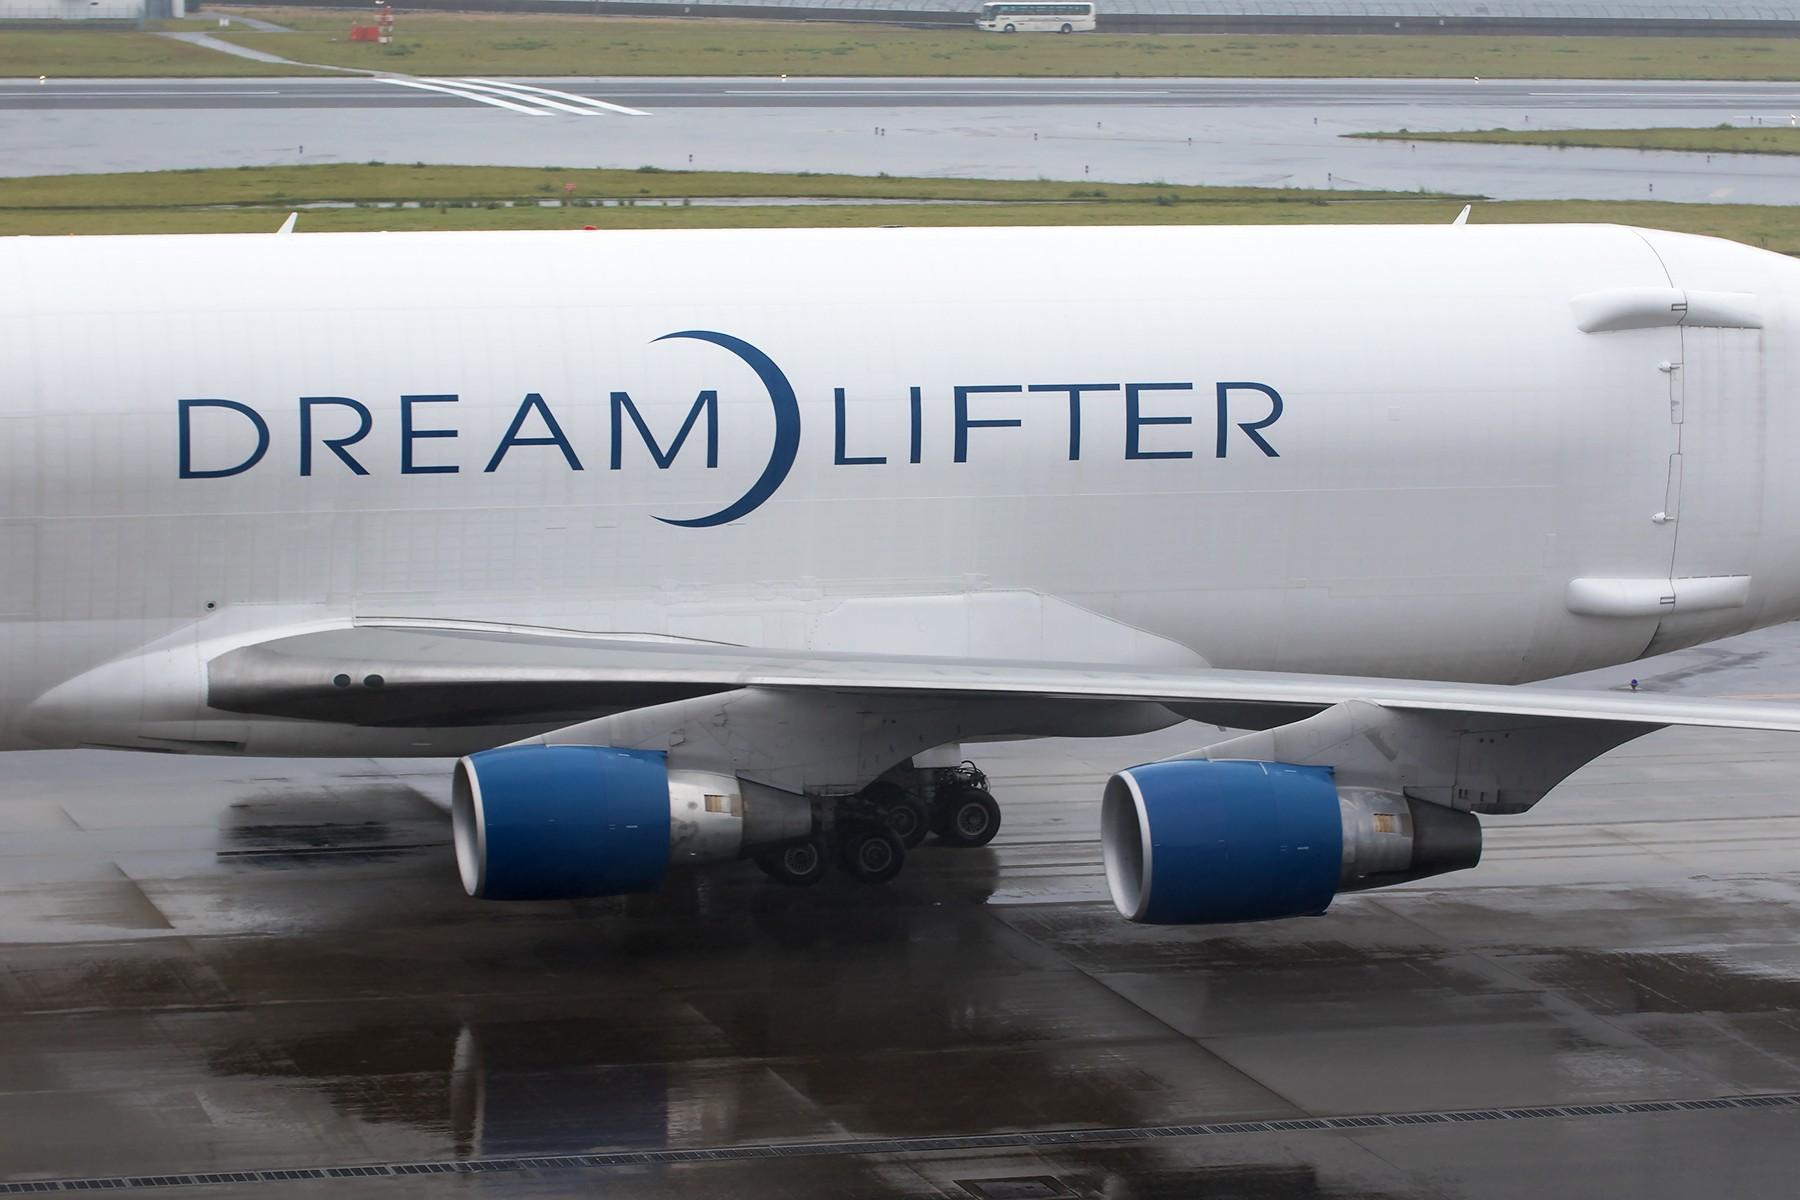 Re:[原创]【1800*1200】驼背的梦想搬运工——波音747-LCF BOEING 747-409(LCF) DREAMLIFTER N780BA 日本名古屋中部/新特丽亚机场